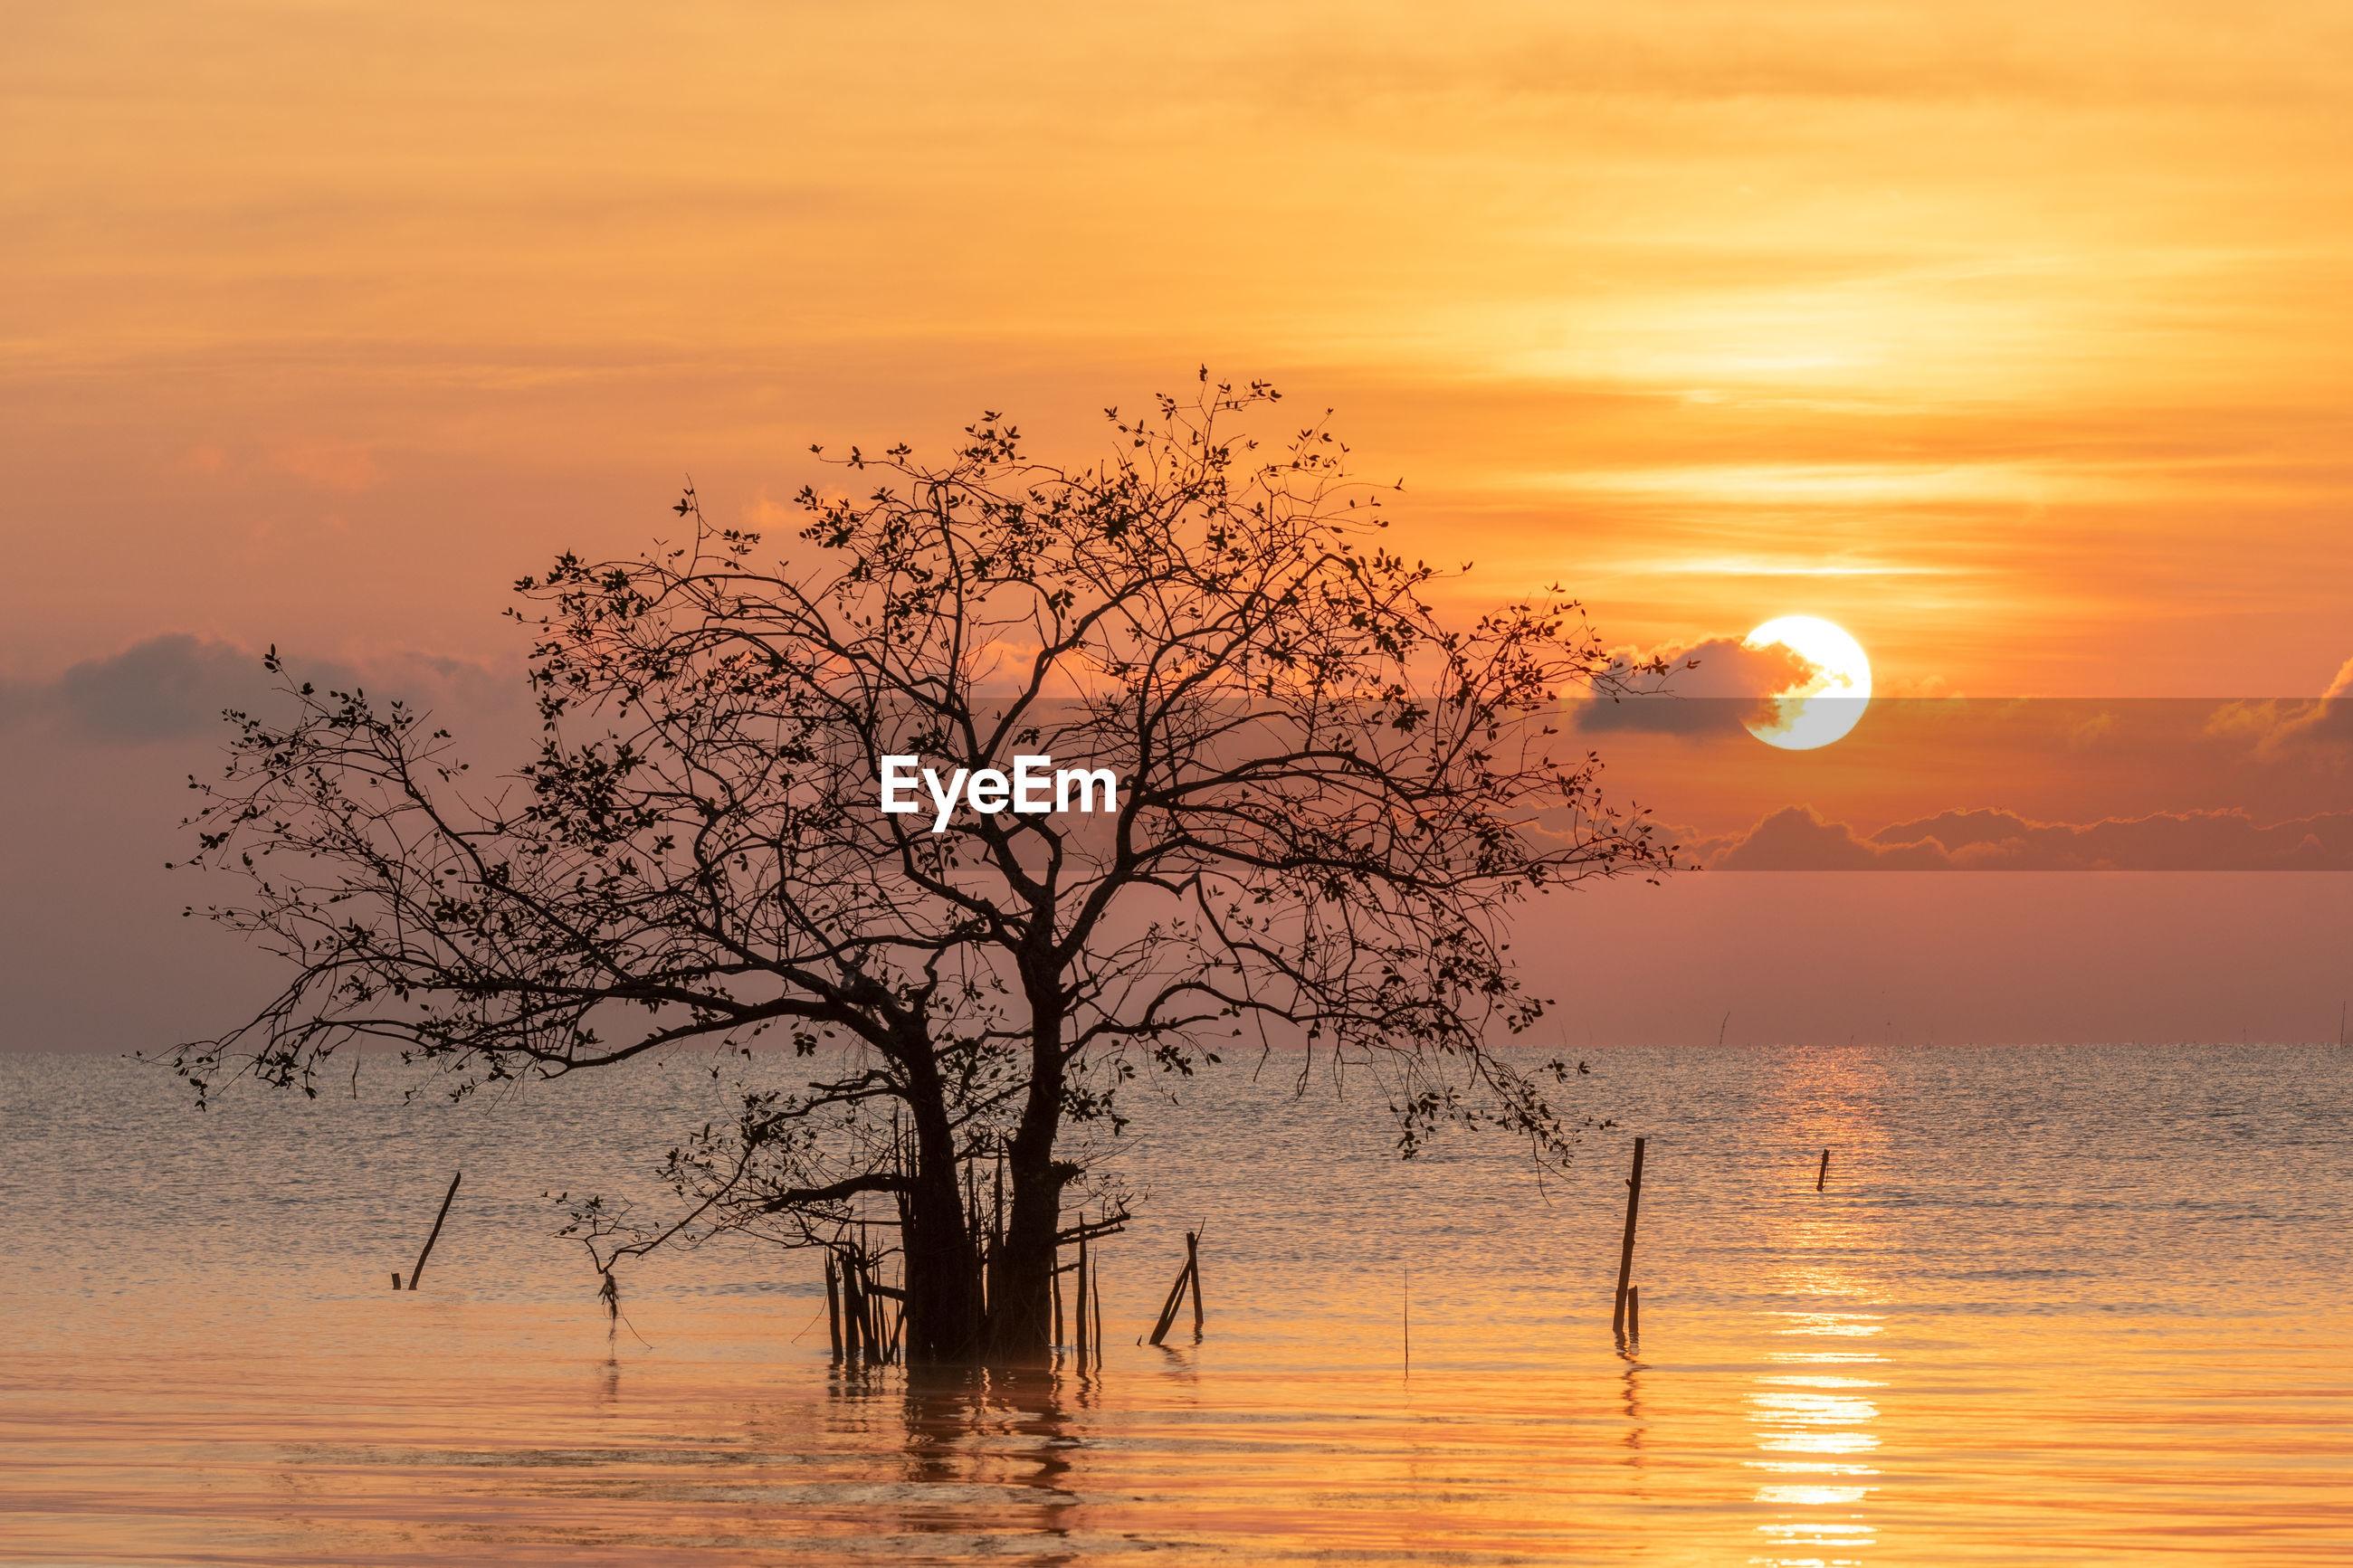 TREE BY SEA AGAINST ORANGE SKY